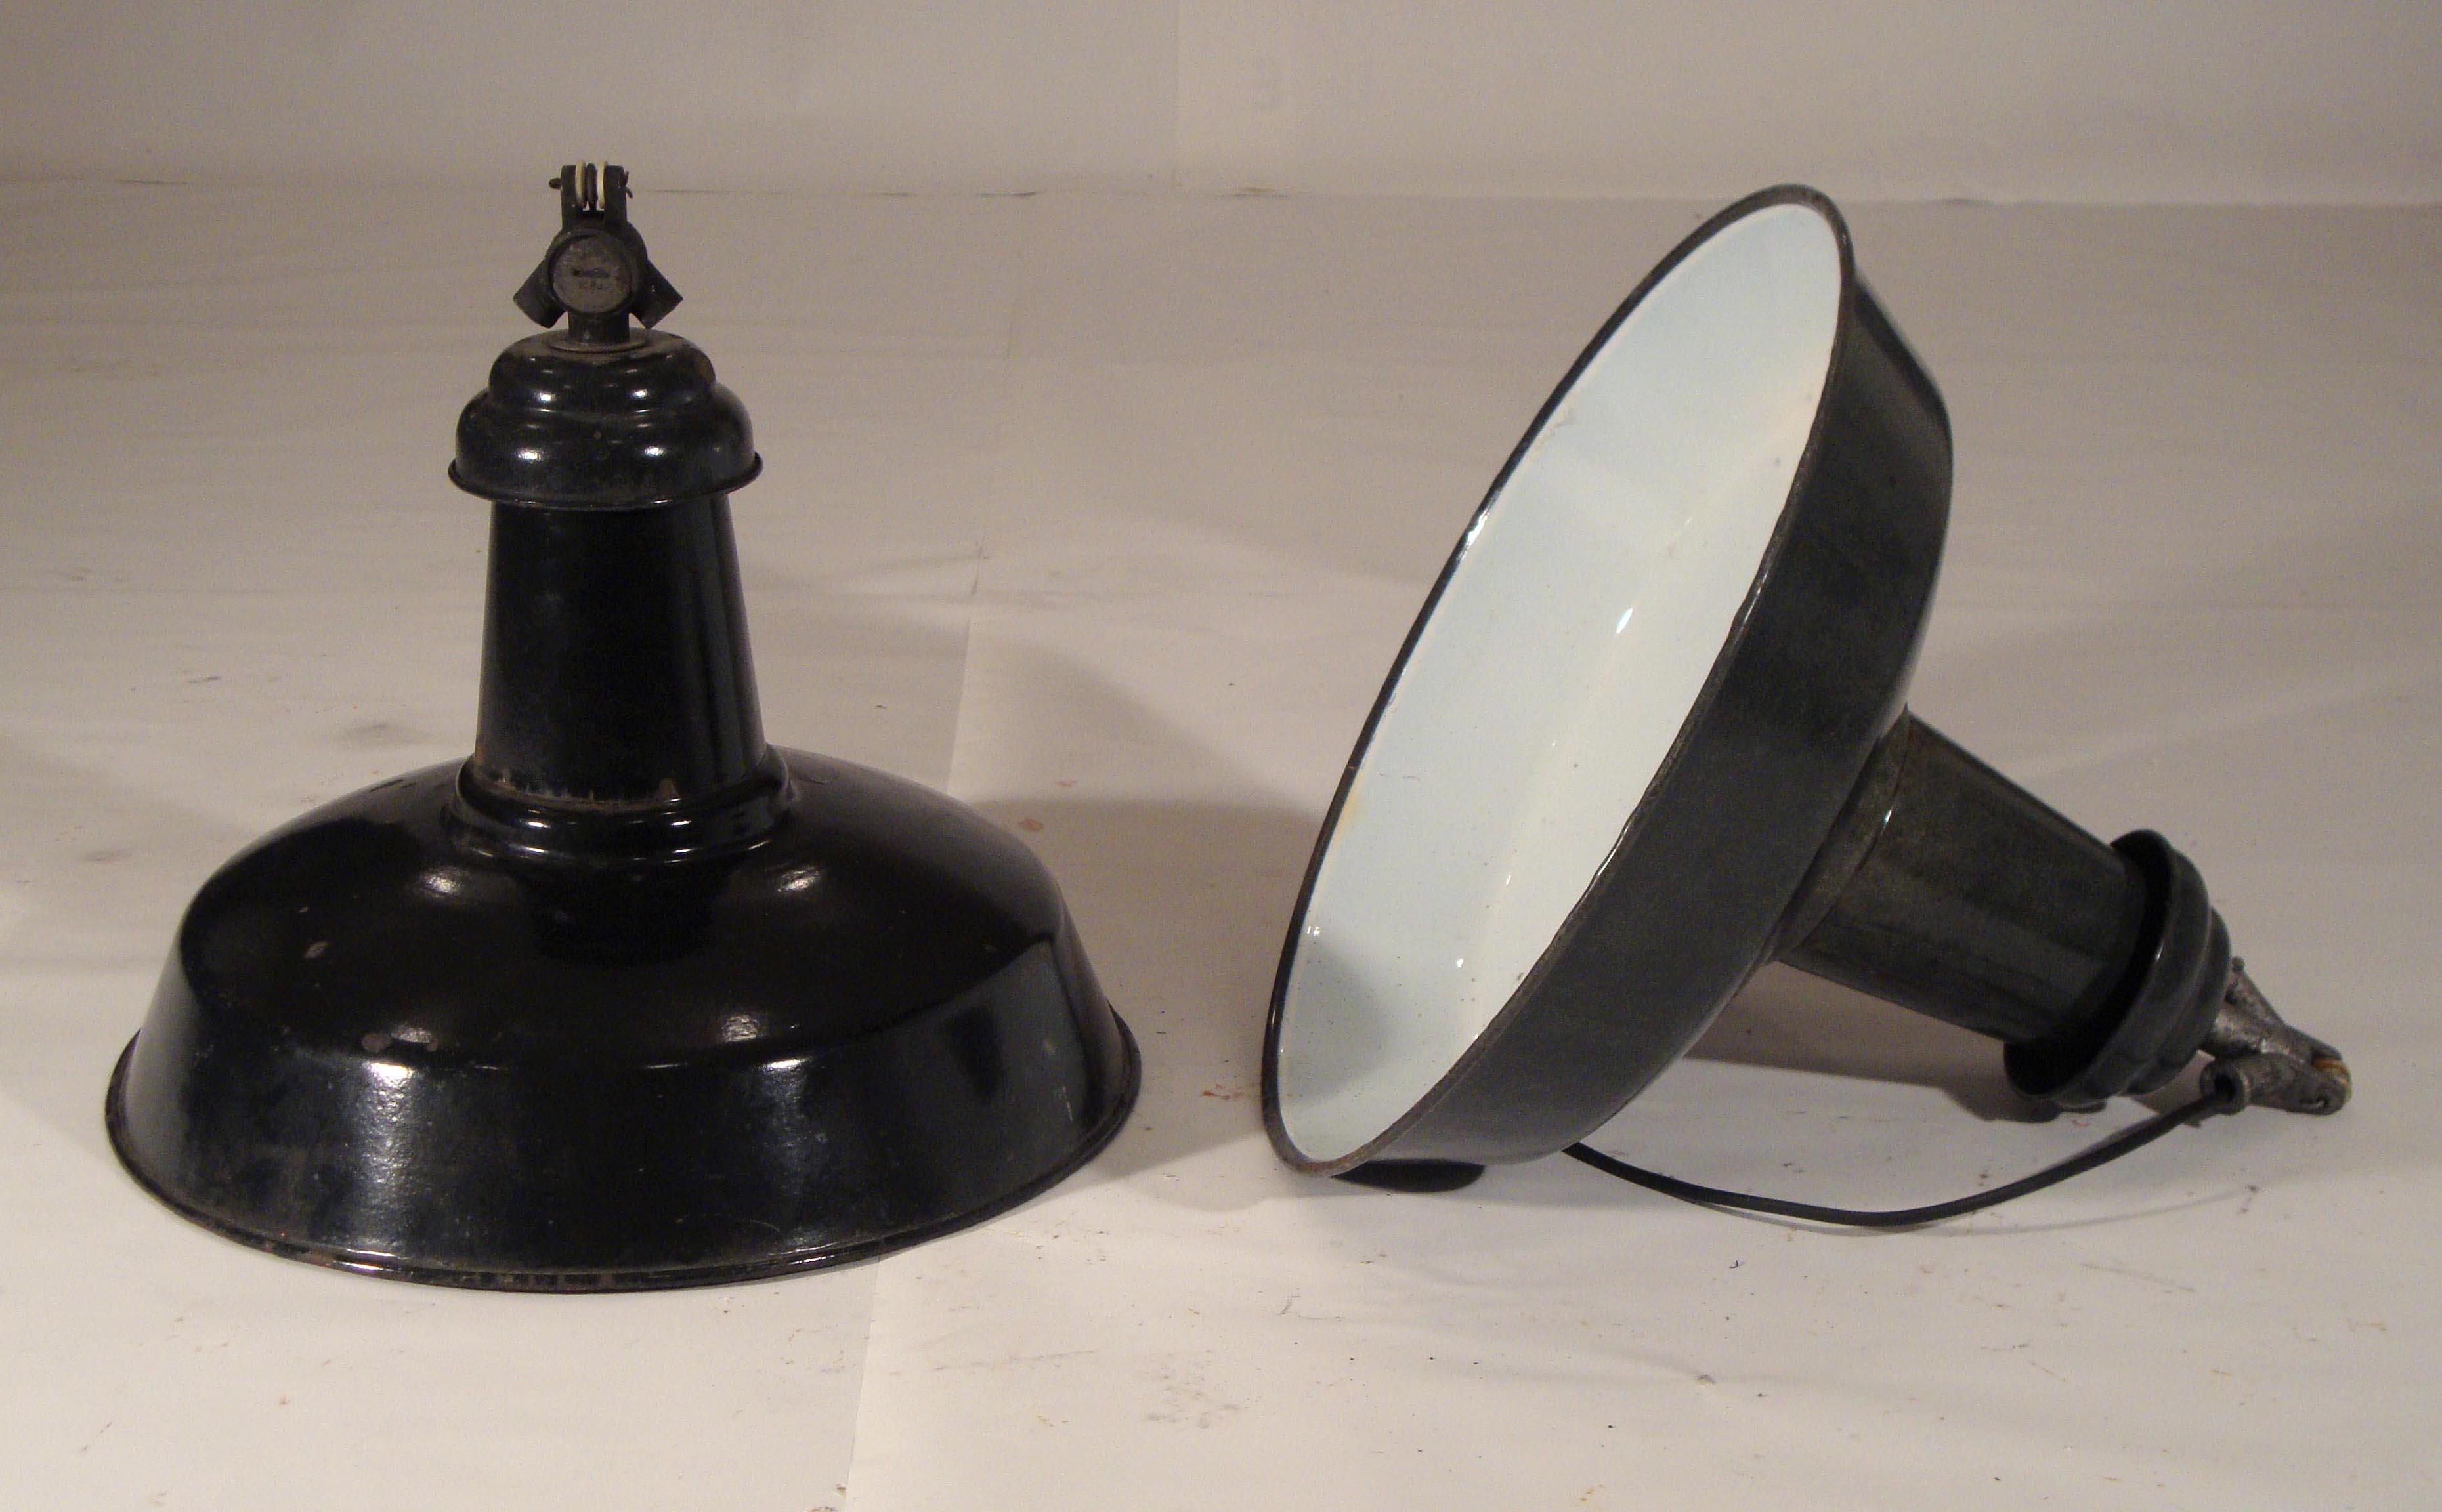 les rares et int ressants objets d j vendus par schul antiquit s xx me si cle. Black Bedroom Furniture Sets. Home Design Ideas